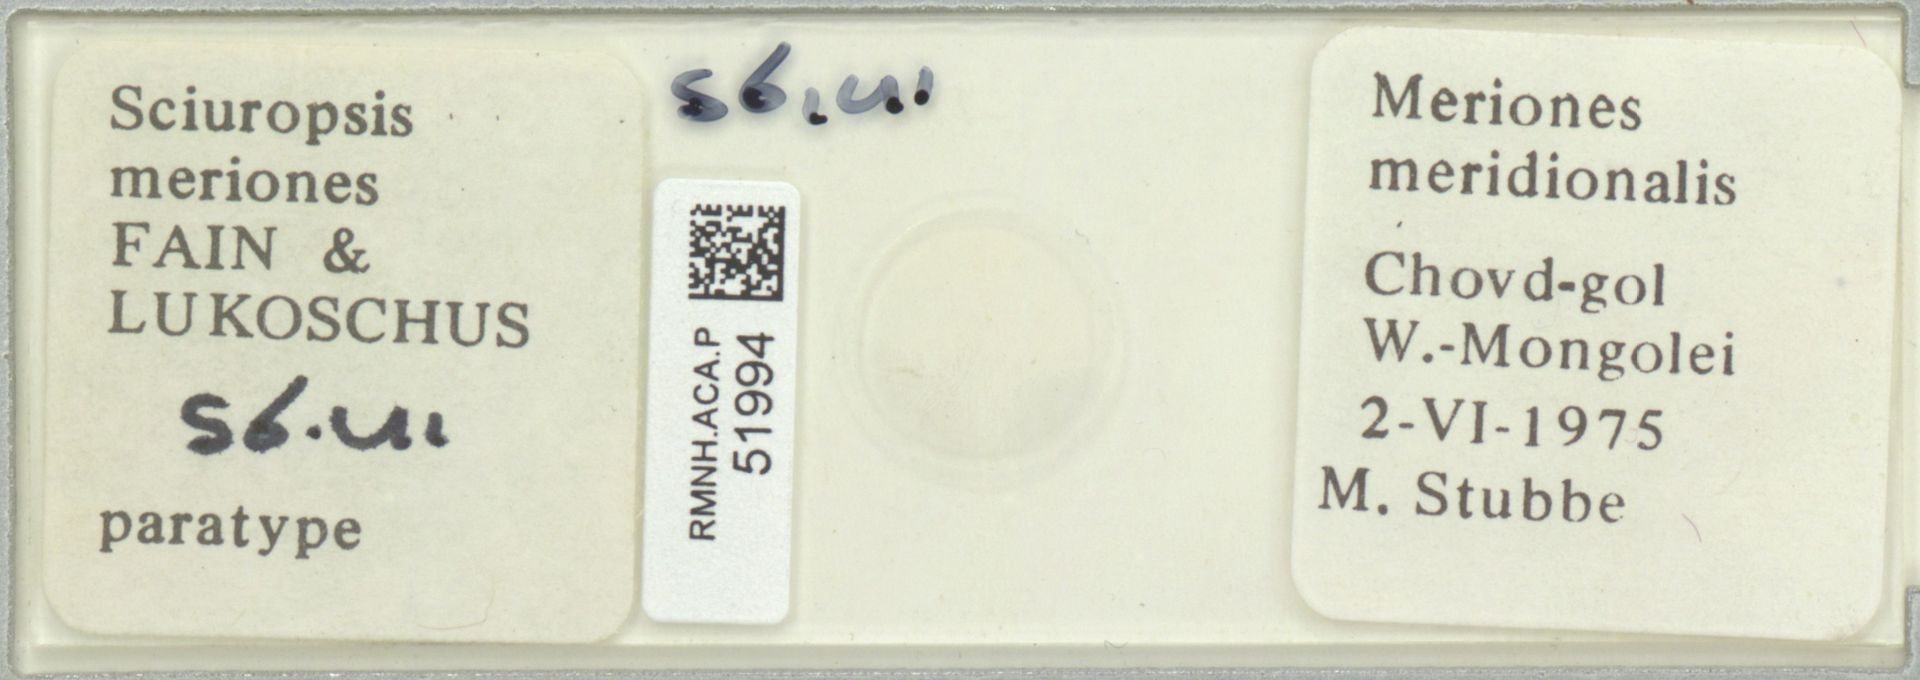 RMNH.ACA.P.51994 | Sciuropsis meriones Fain & Lukoschus